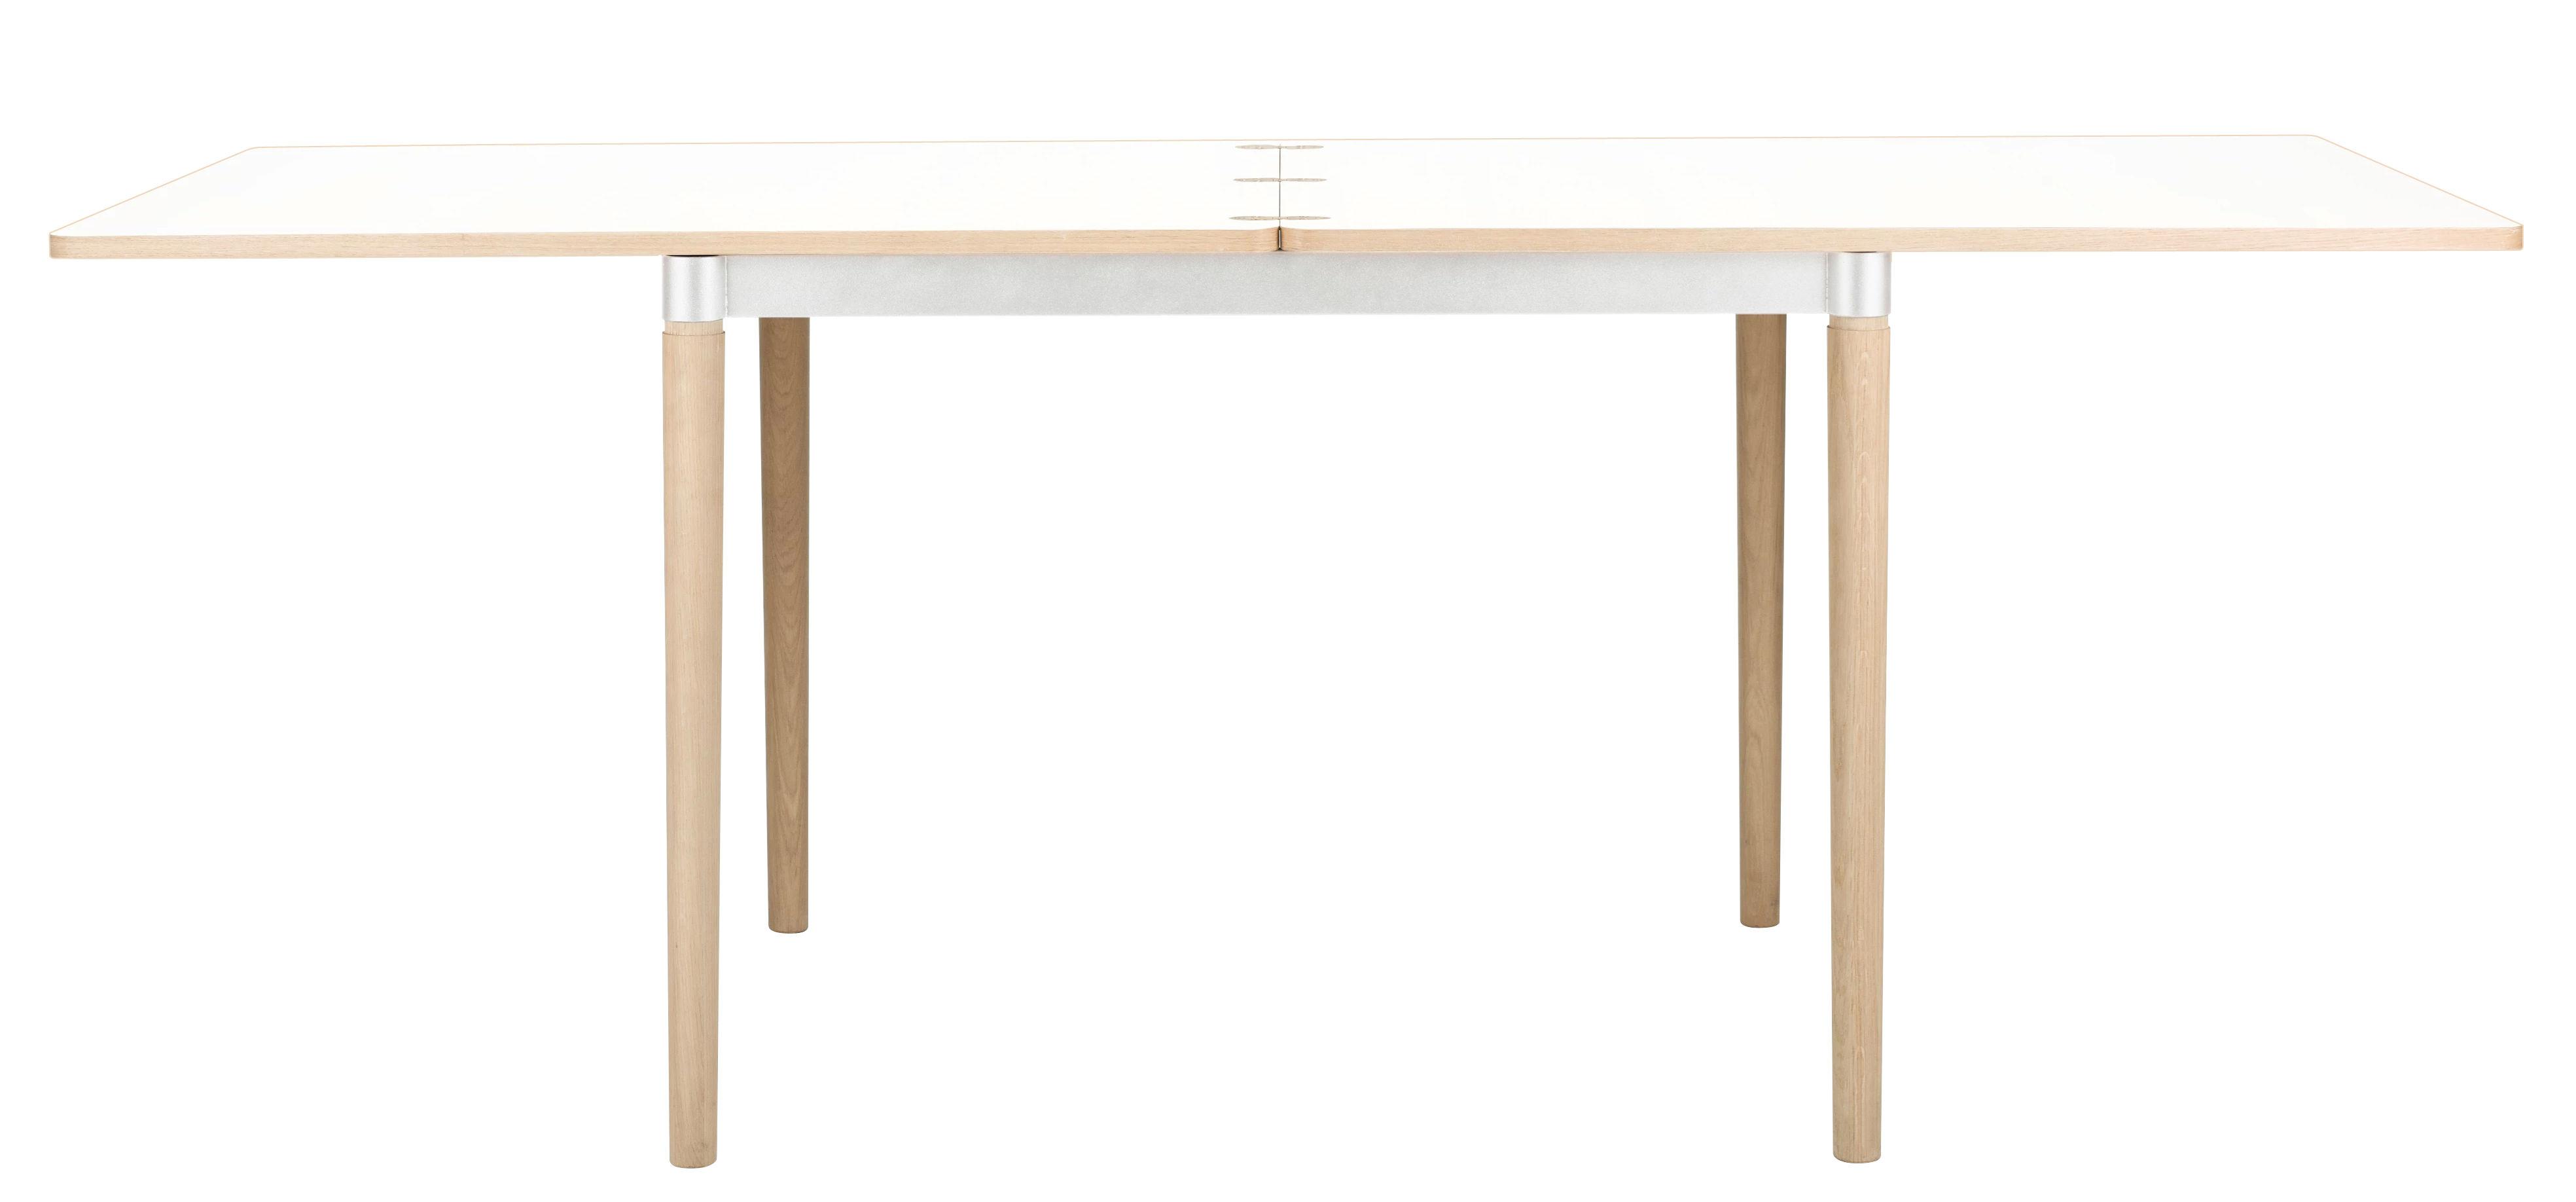 Tendances - À taaable ! - Table à rallonge Double up / L 96 à 192 cm - Bolia - Blanc / Pieds chêne - Acier verni, Chêne massif blanchi , Stratifié